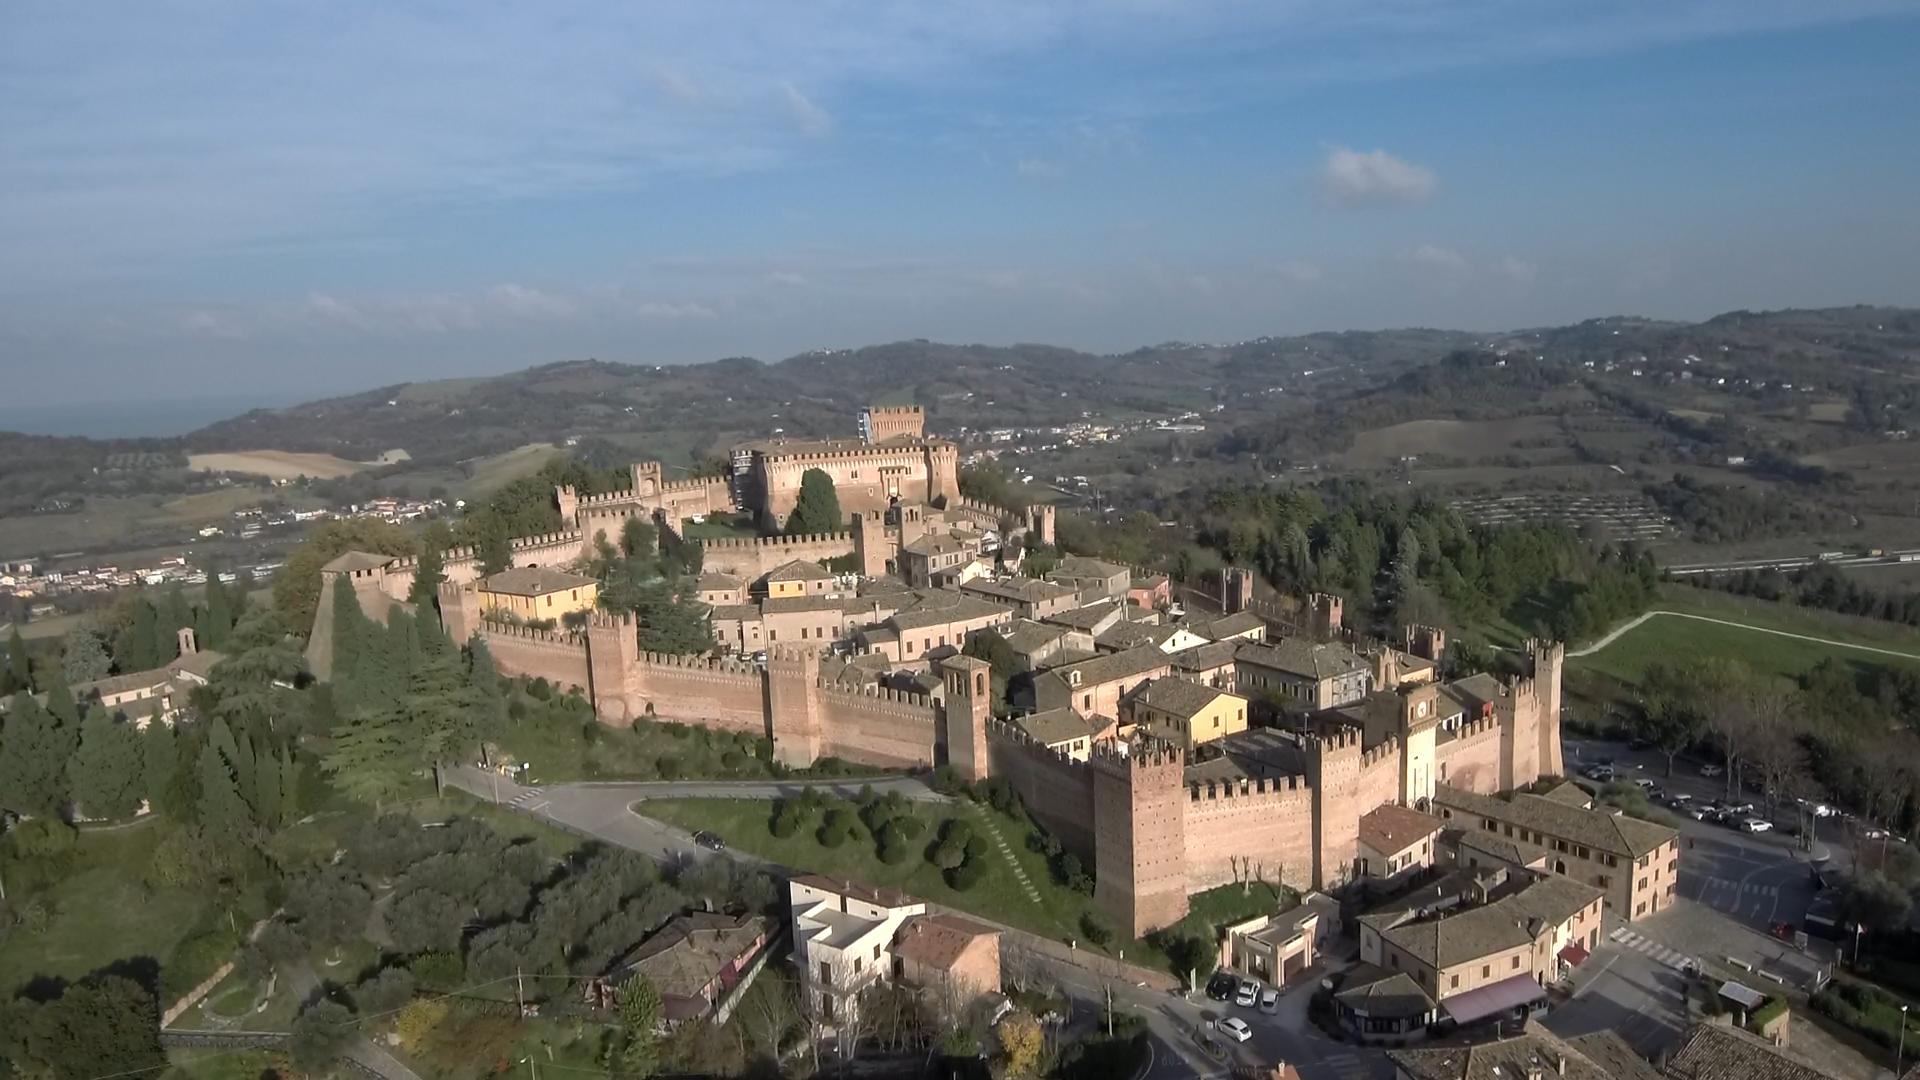 Pesaro e Urbino, Castello di Gradara (Il Martino - ilmartino.it -) M'Art - Arte e Cultura -